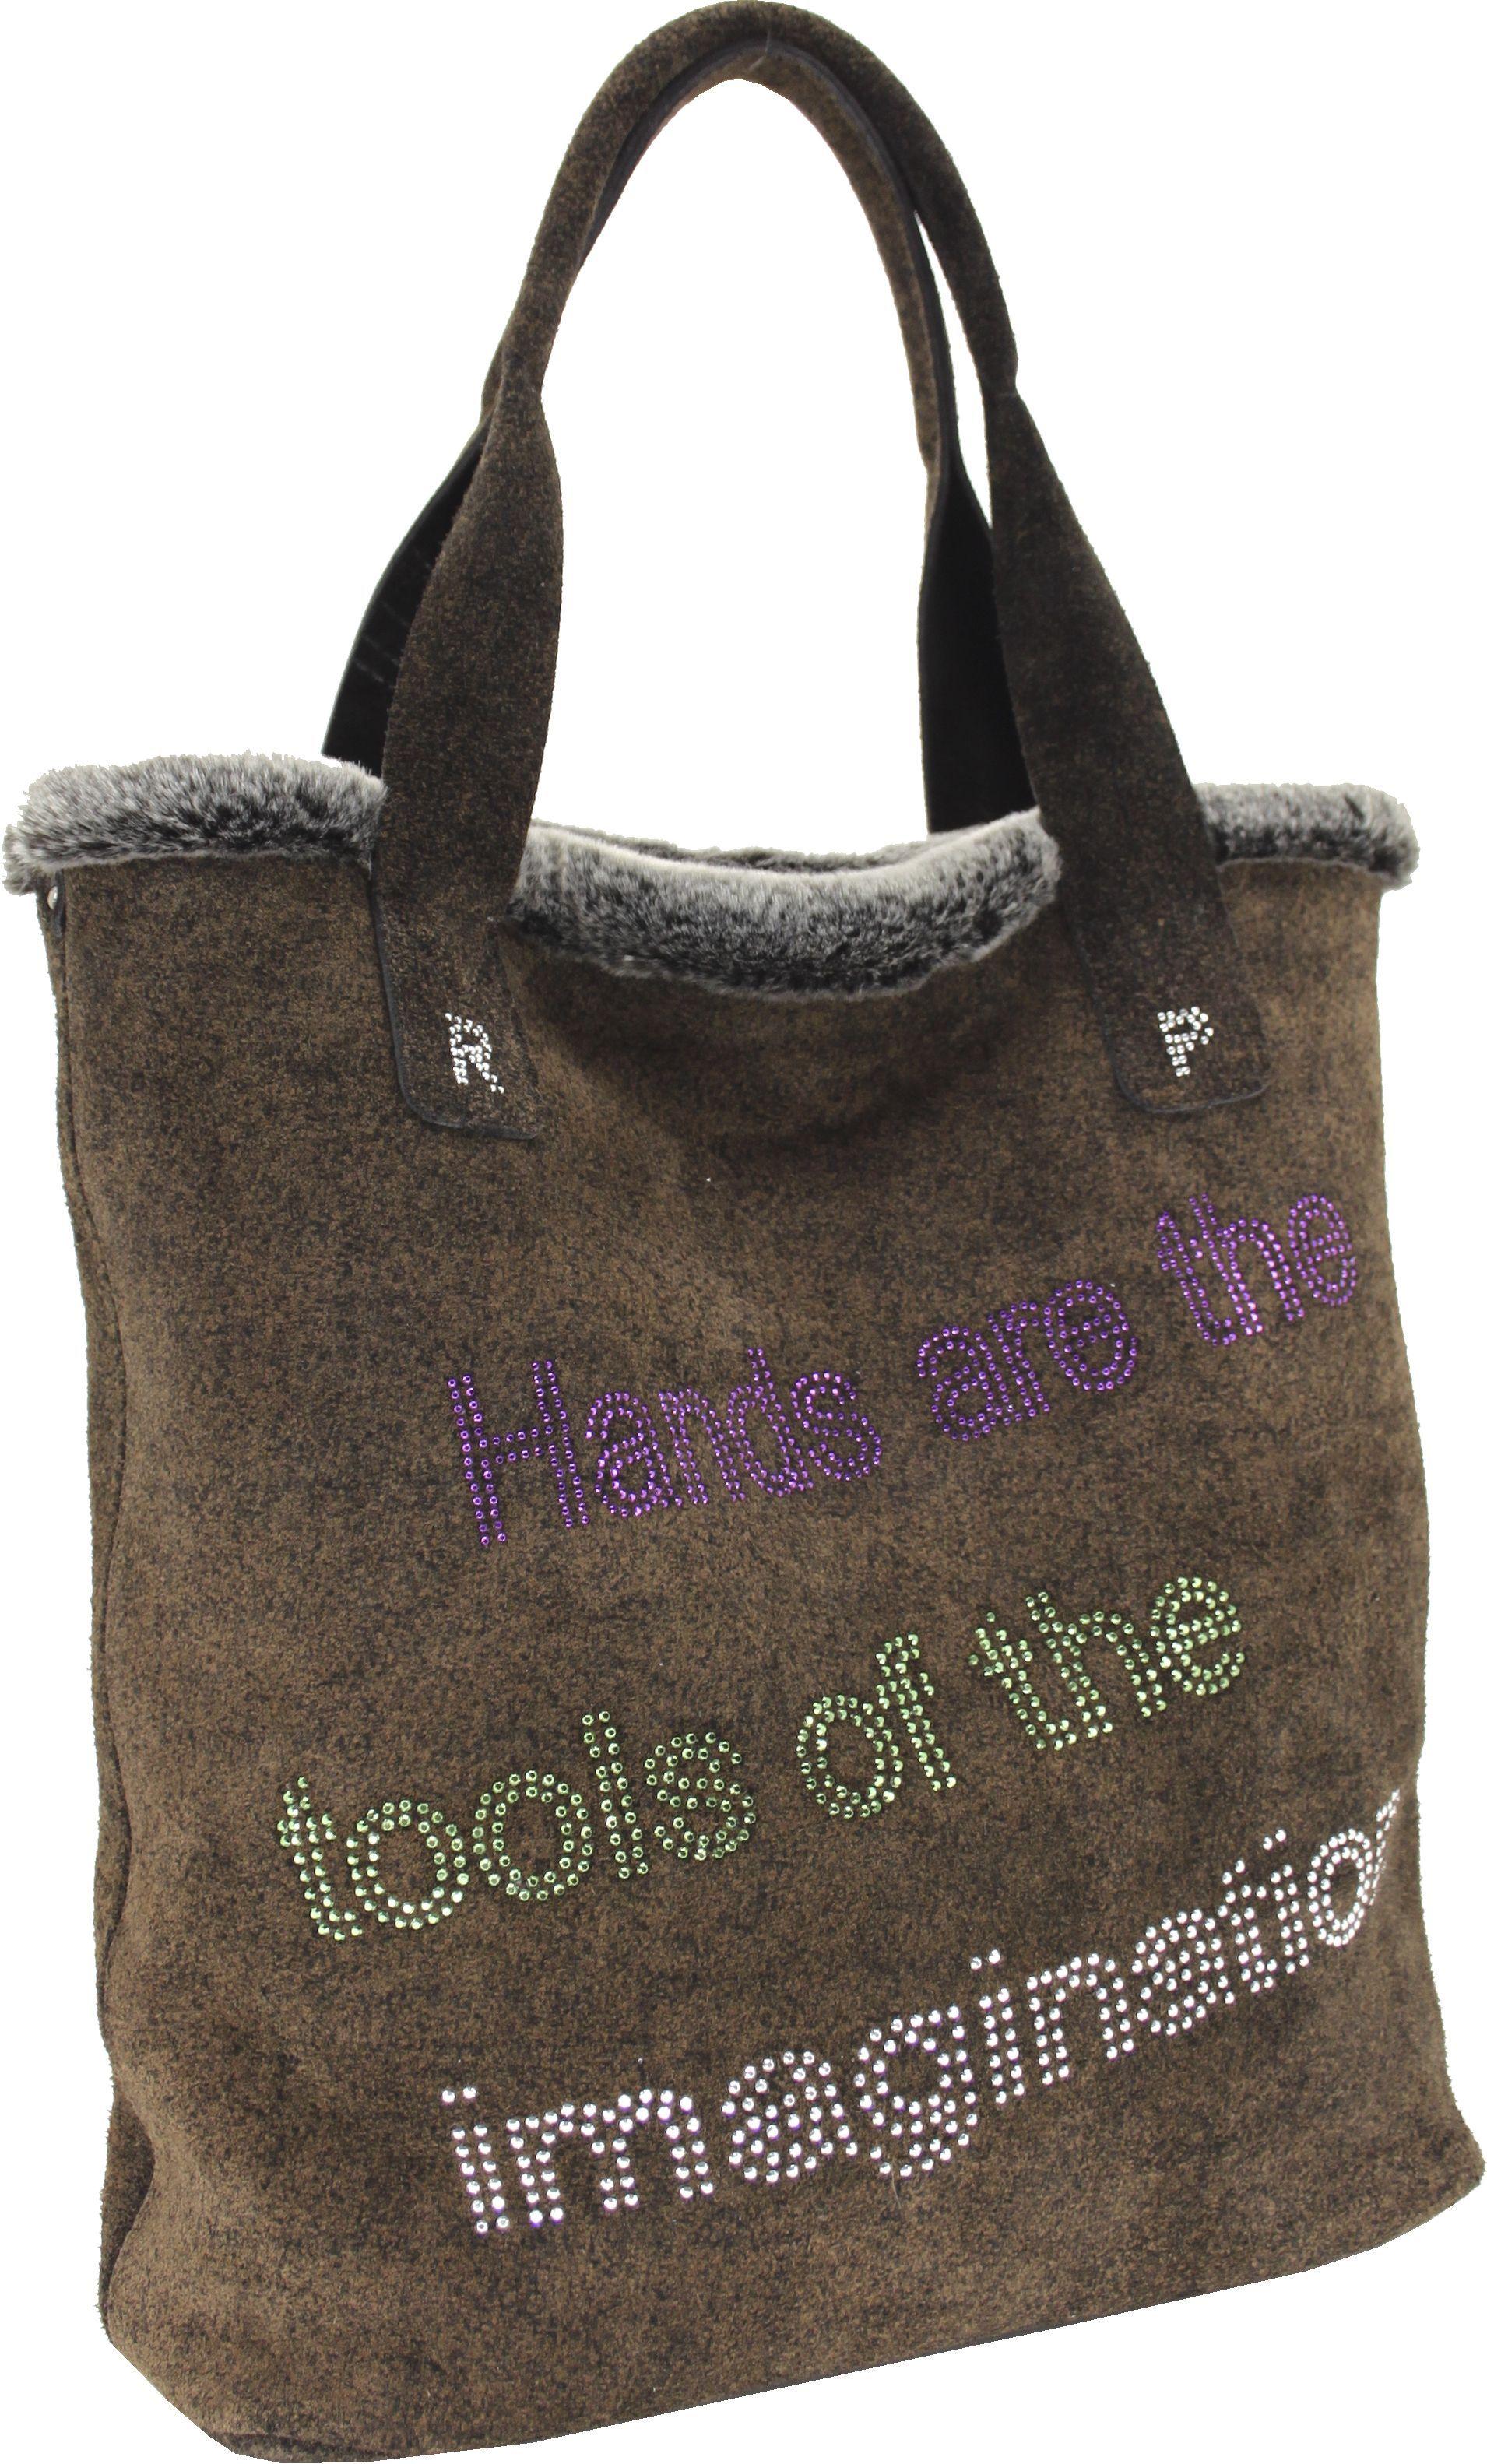 HAPPY. Colección FW 2014/15 Bolsos de piel Robert Pietri #MadeInSpain.  #handbags #moda #tendencias